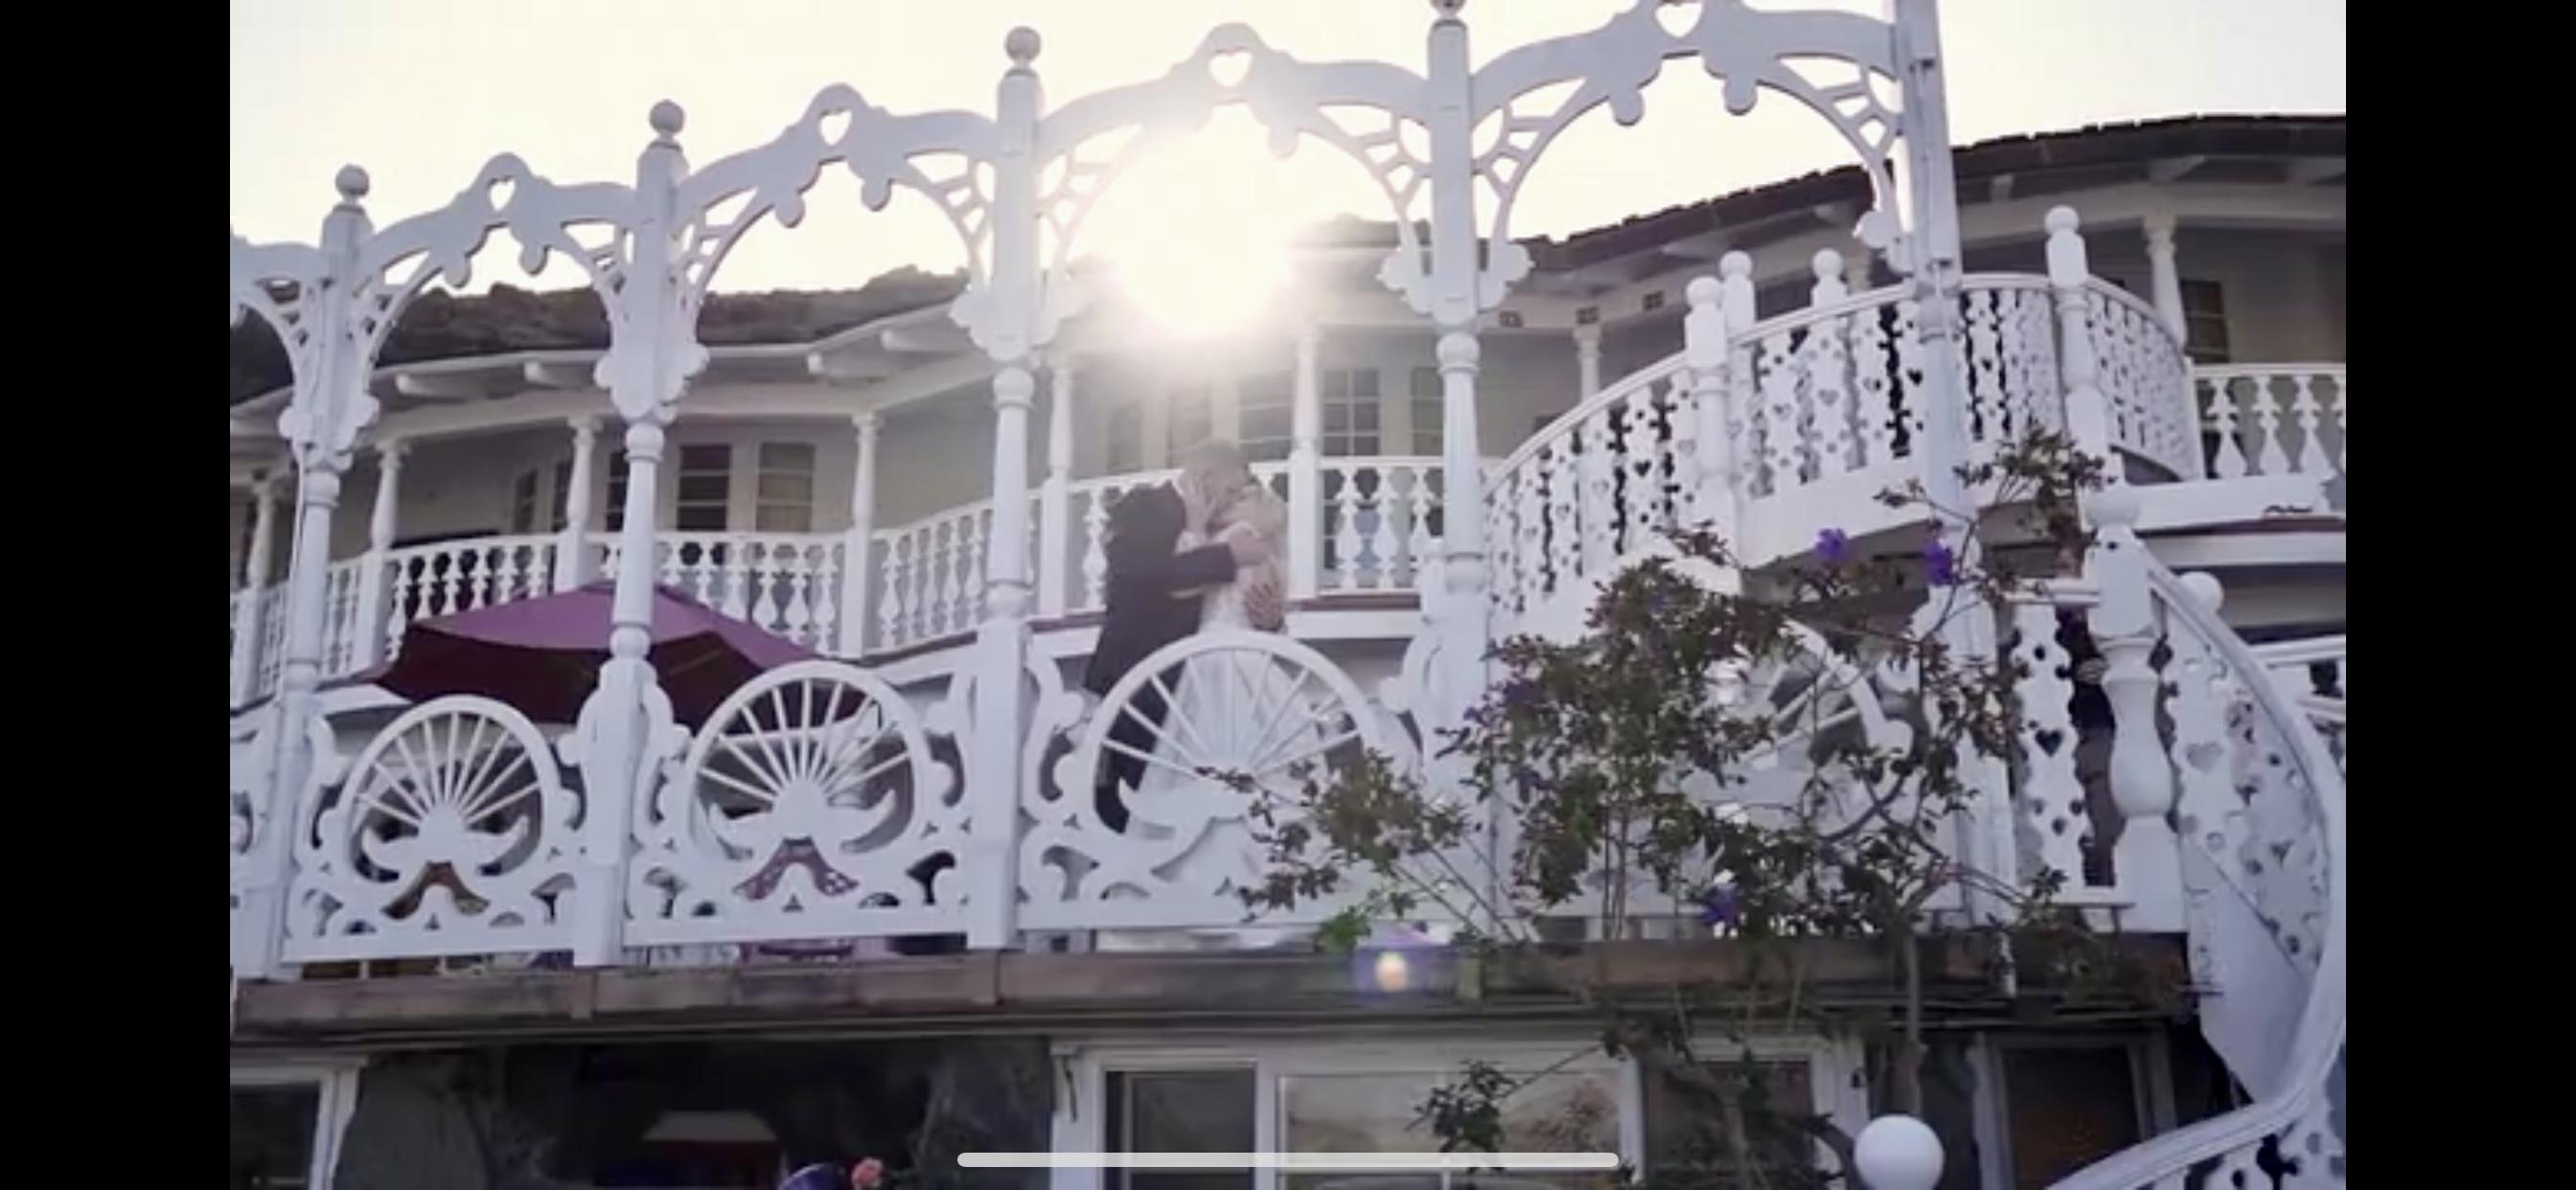 Regan + Michael | San Luis Obispo, California | Madonna Inn